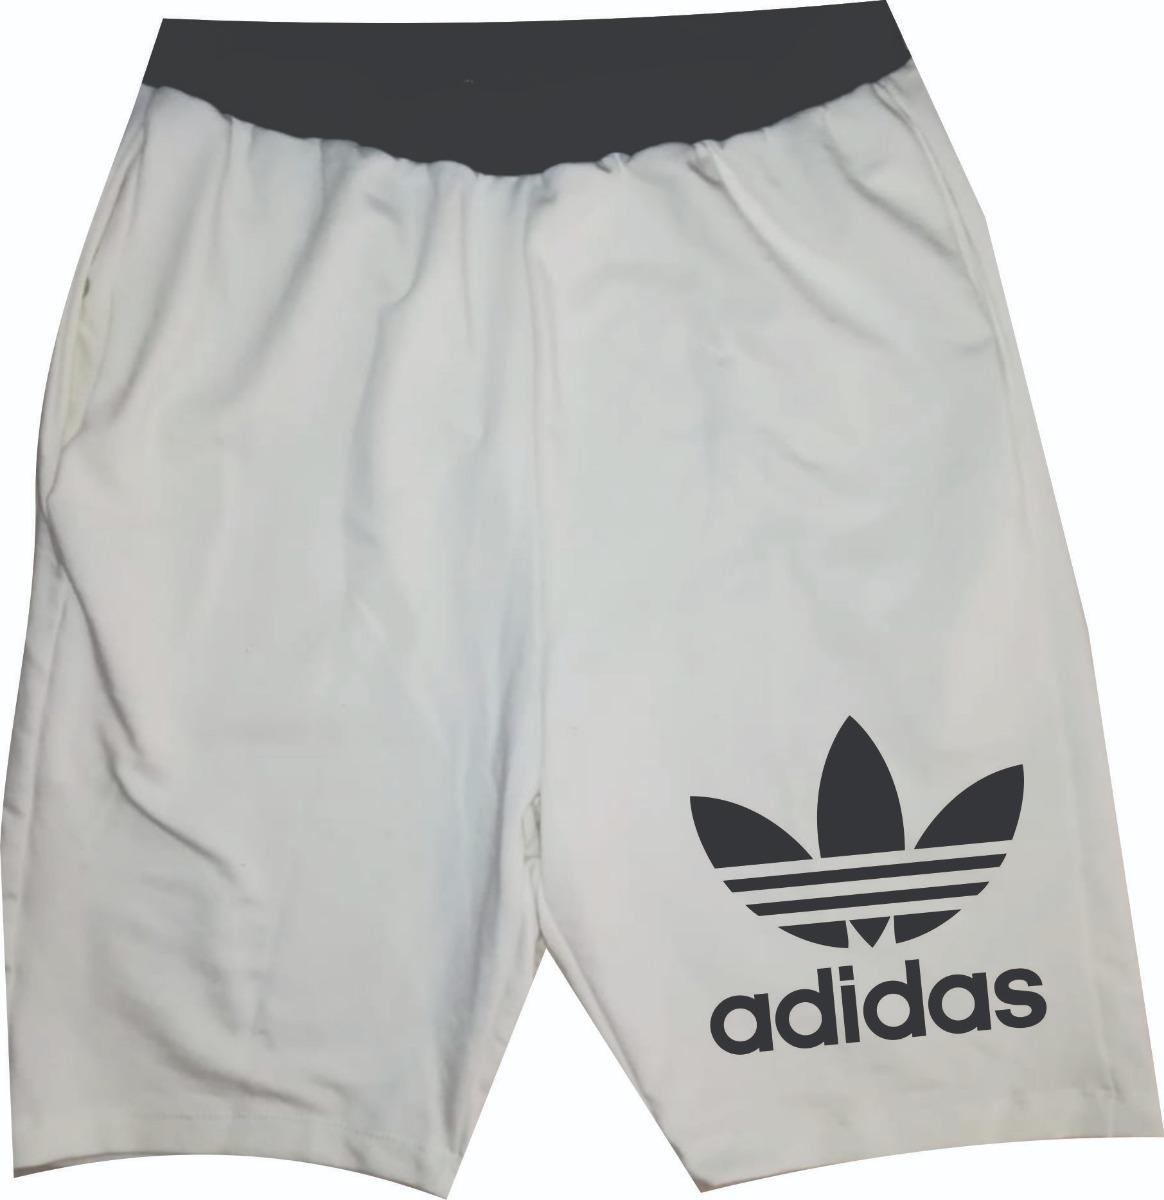 Expectativa Moderar Extraordinario  pantalonetas adidas para hombre - Tienda Online de Zapatos, Ropa y  Complementos de marca